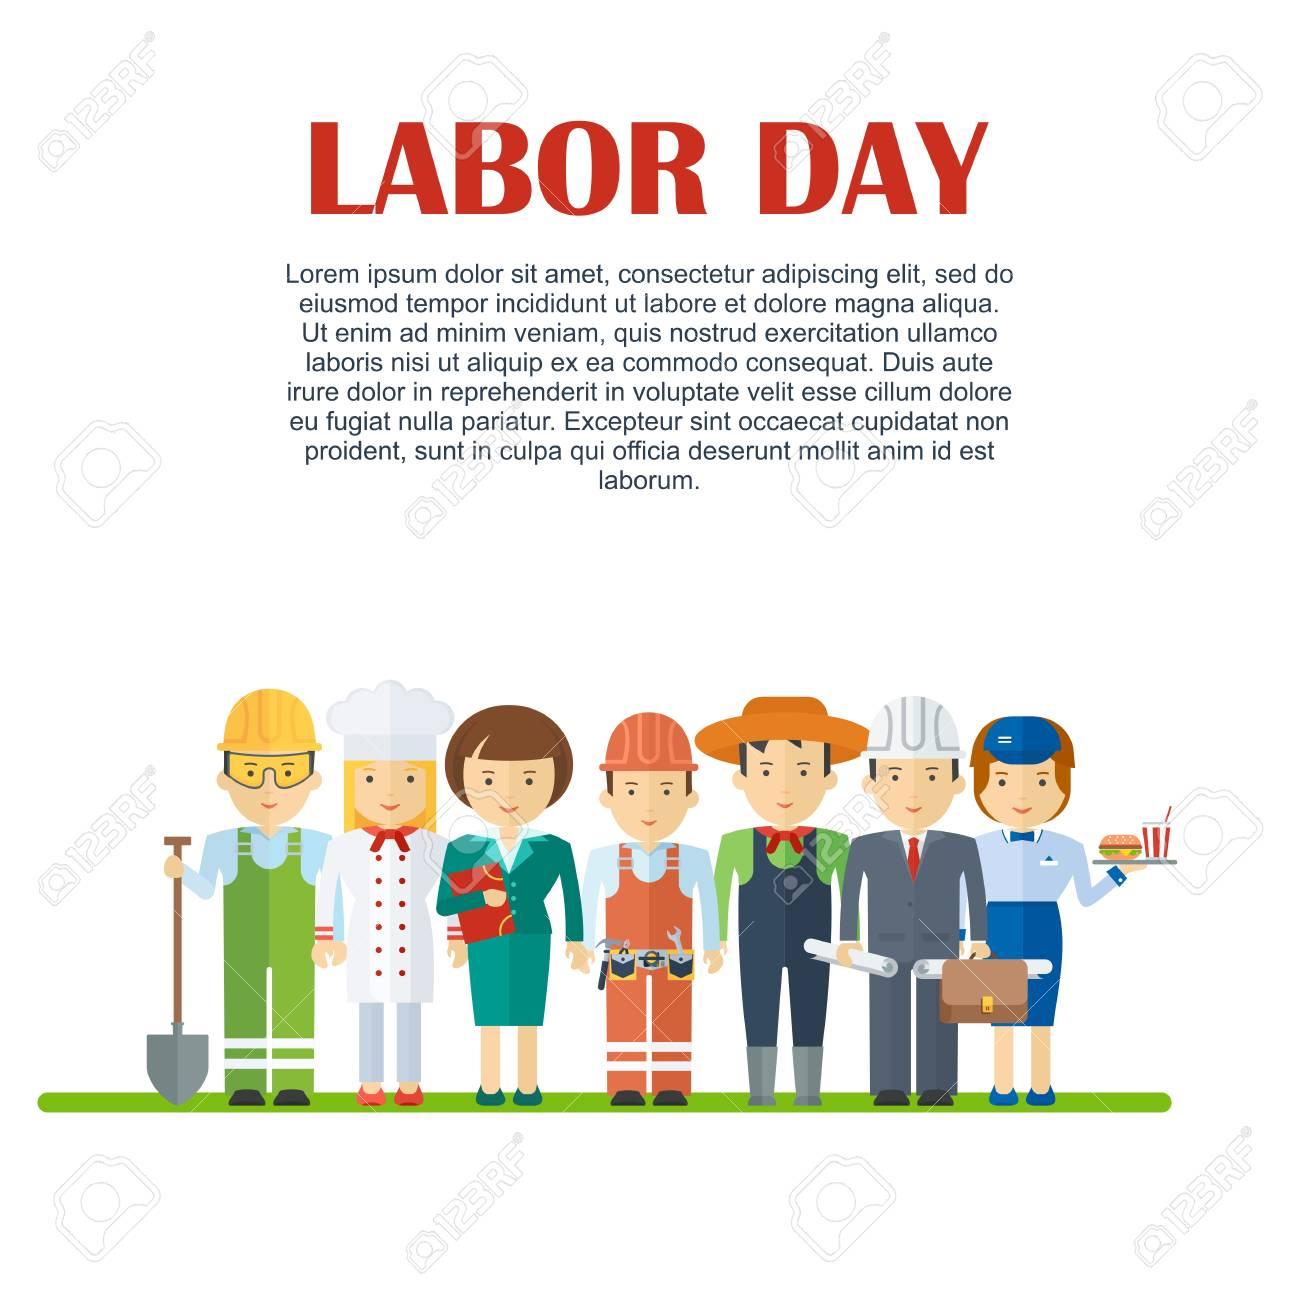 Dia Del Trabajador Mujeres conjunto de hombres y mujeres de diversas profesiones. día del trabajo,  servicio de empleo, recursos humanos en diversas industrias.